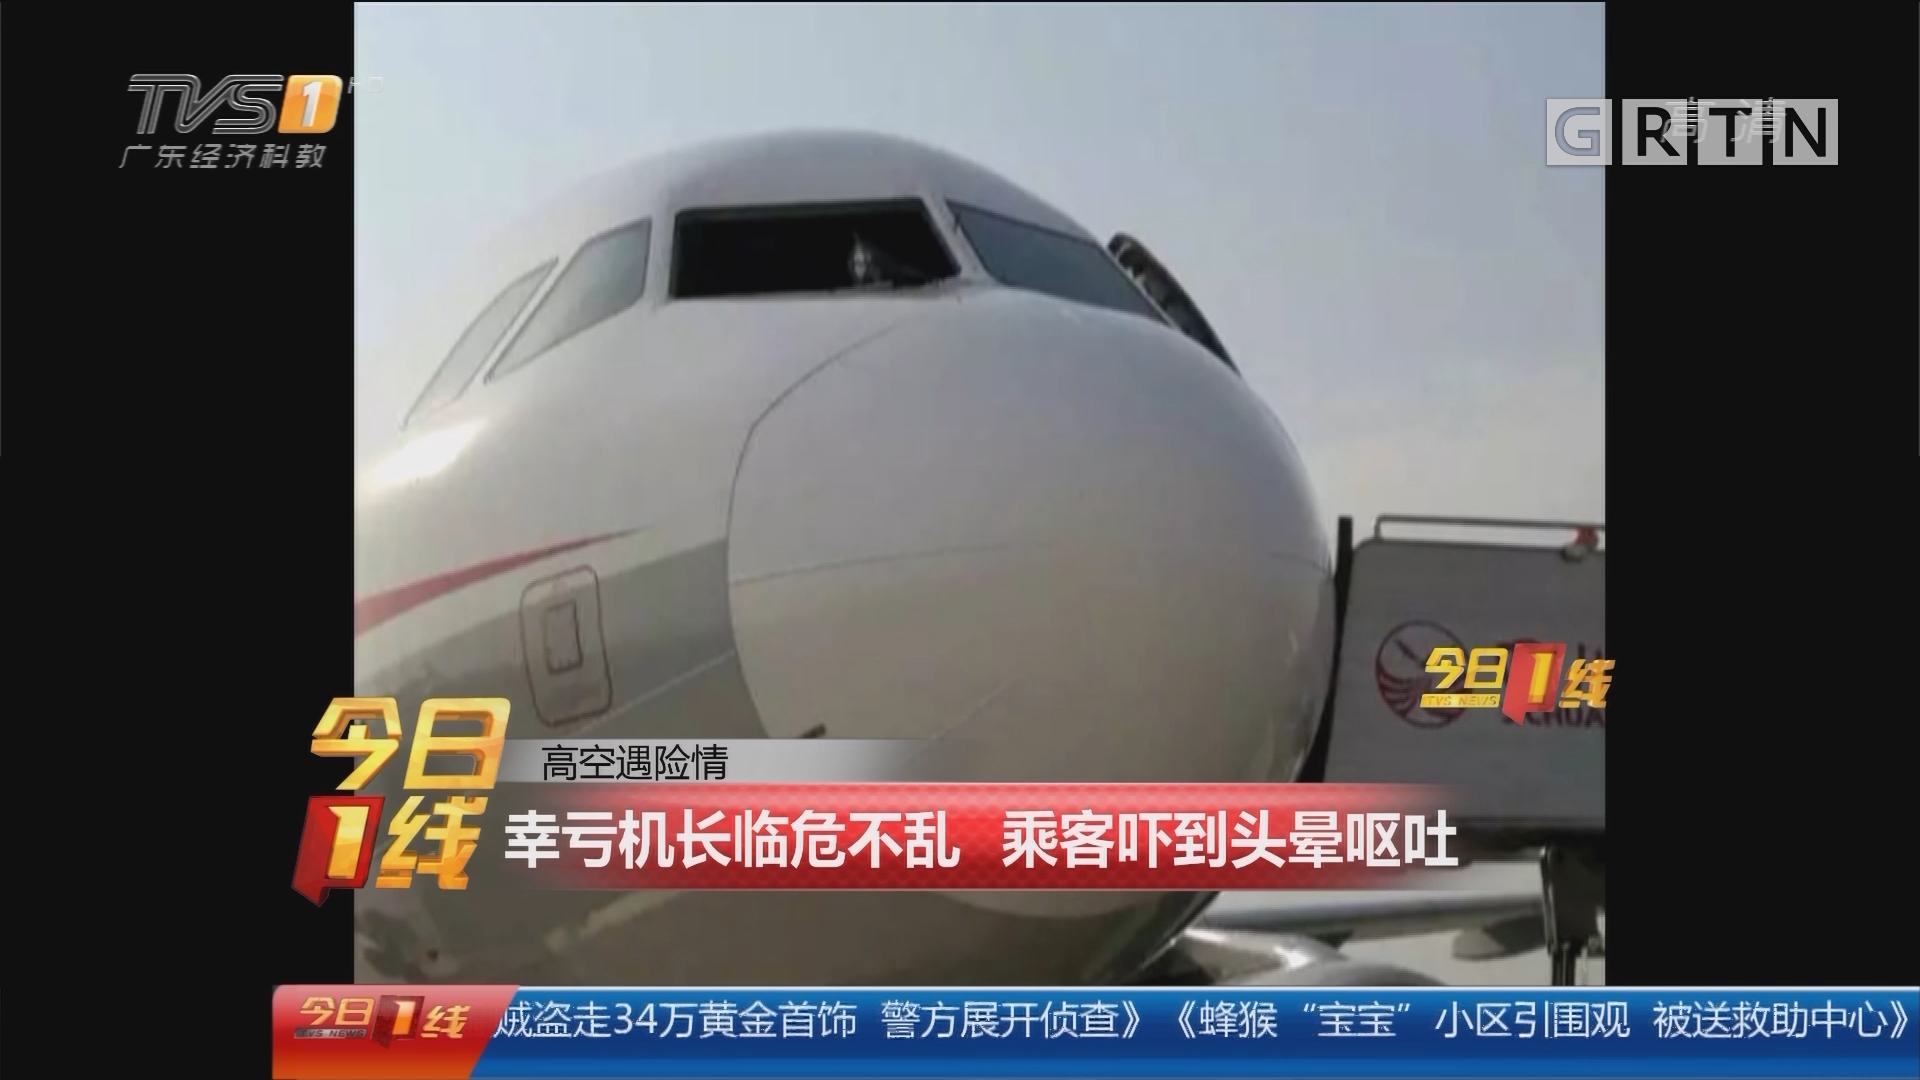 高空遇险情:飞机驾驶舱玻璃没了 紧急备降安全着陆